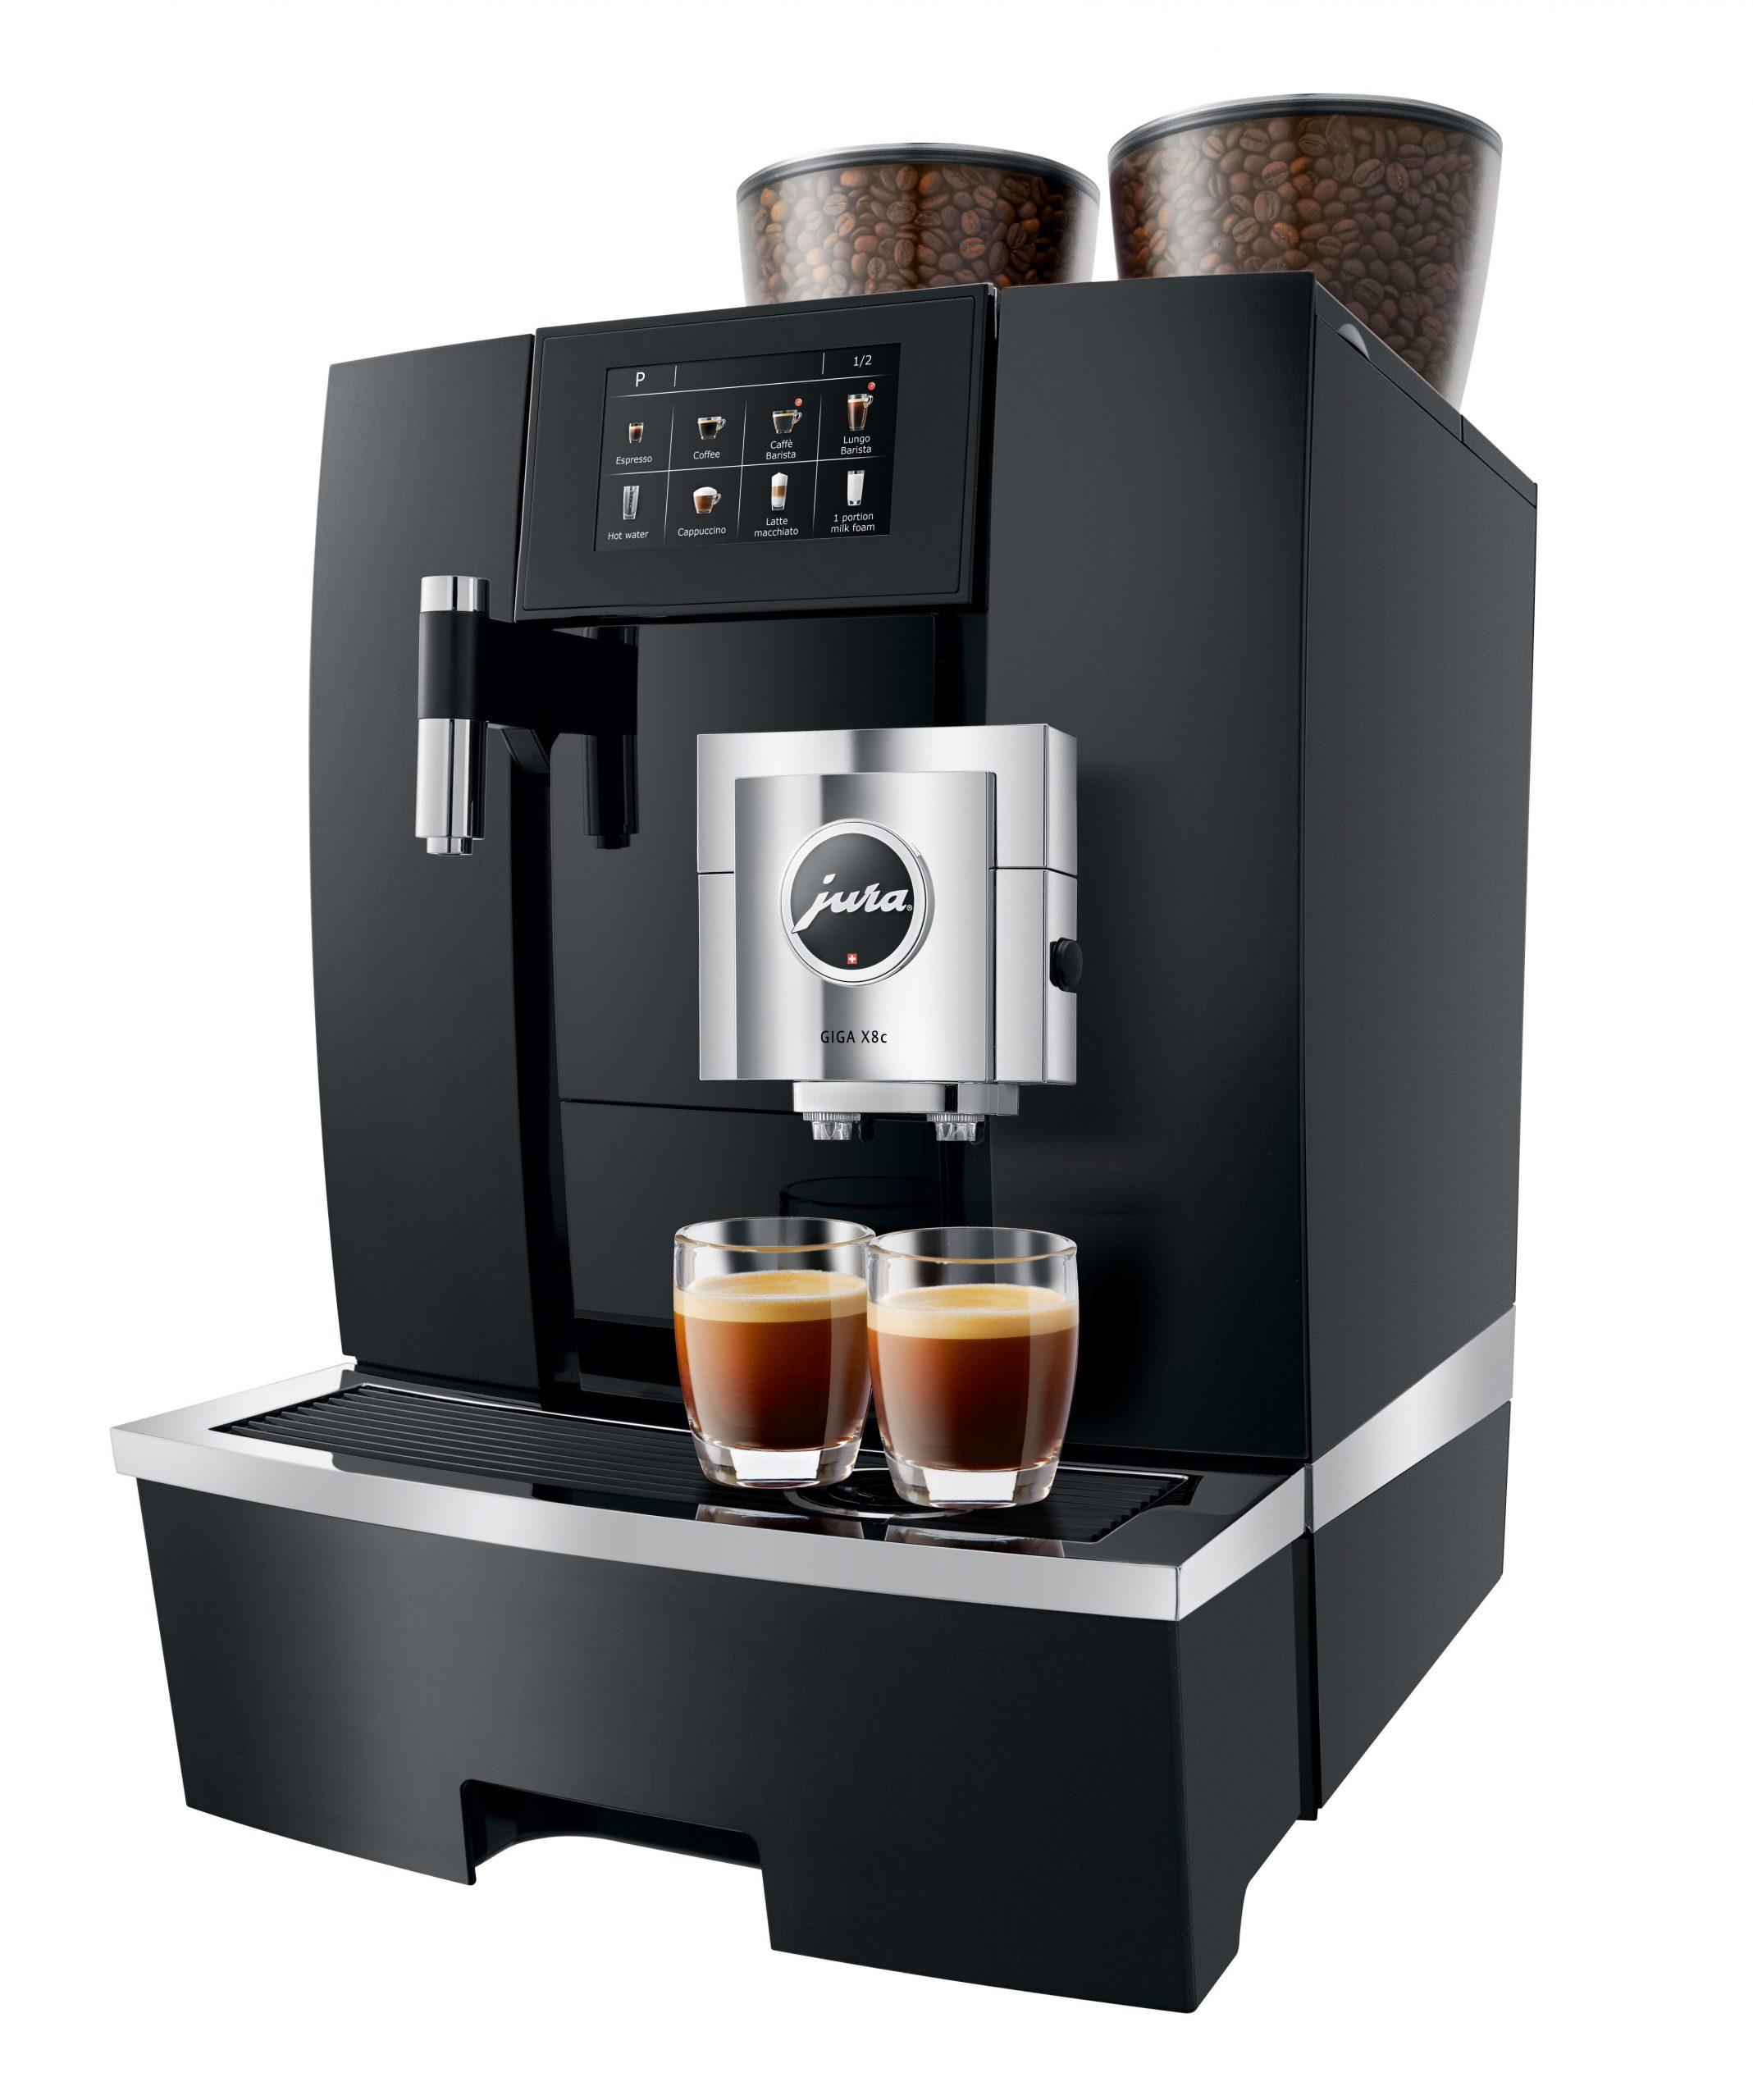 Jura GIGA X8c   KoffiePartners